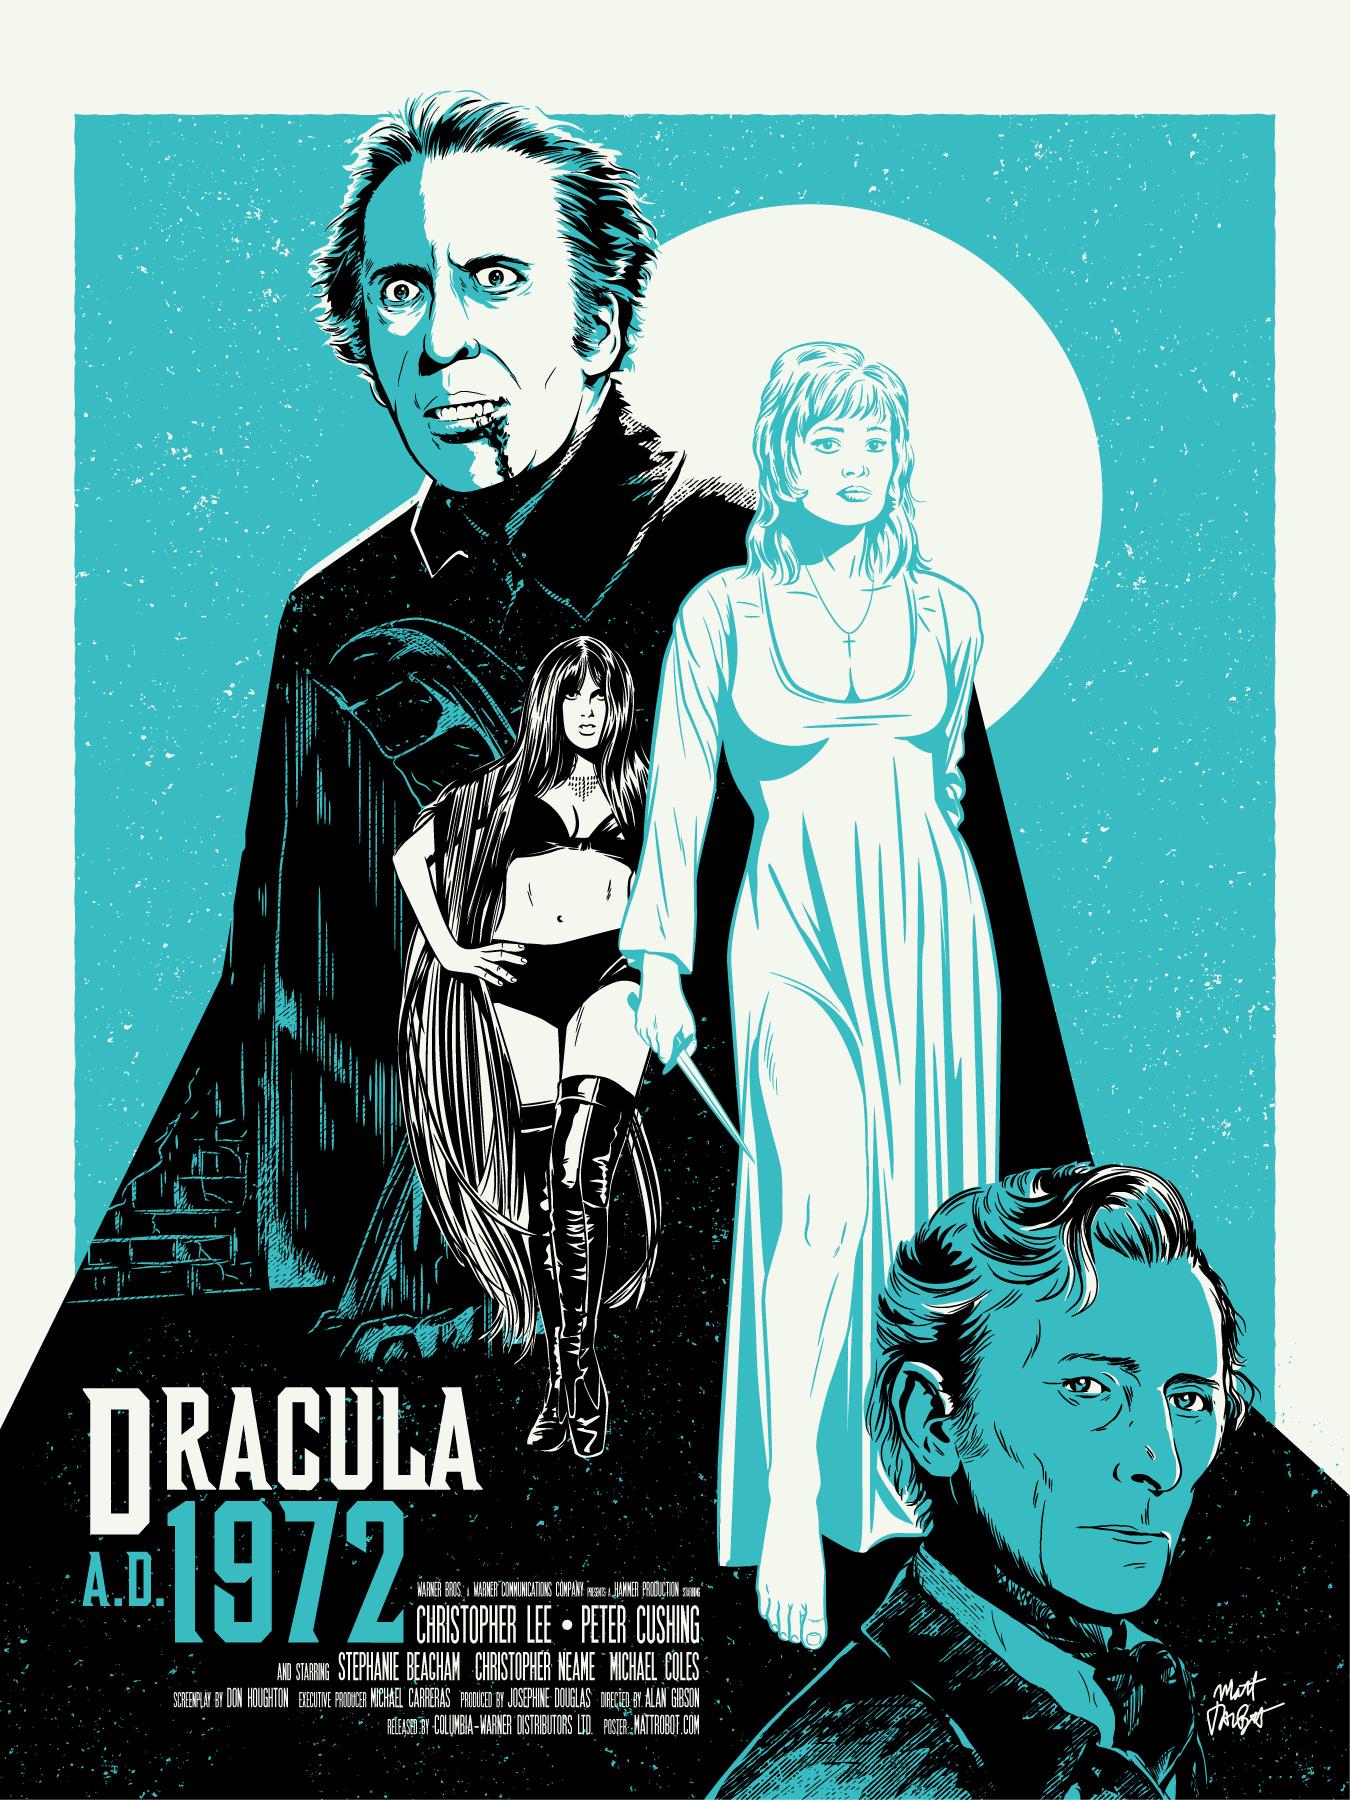 Dracula A.D. 1972 poster by Matt Talbot